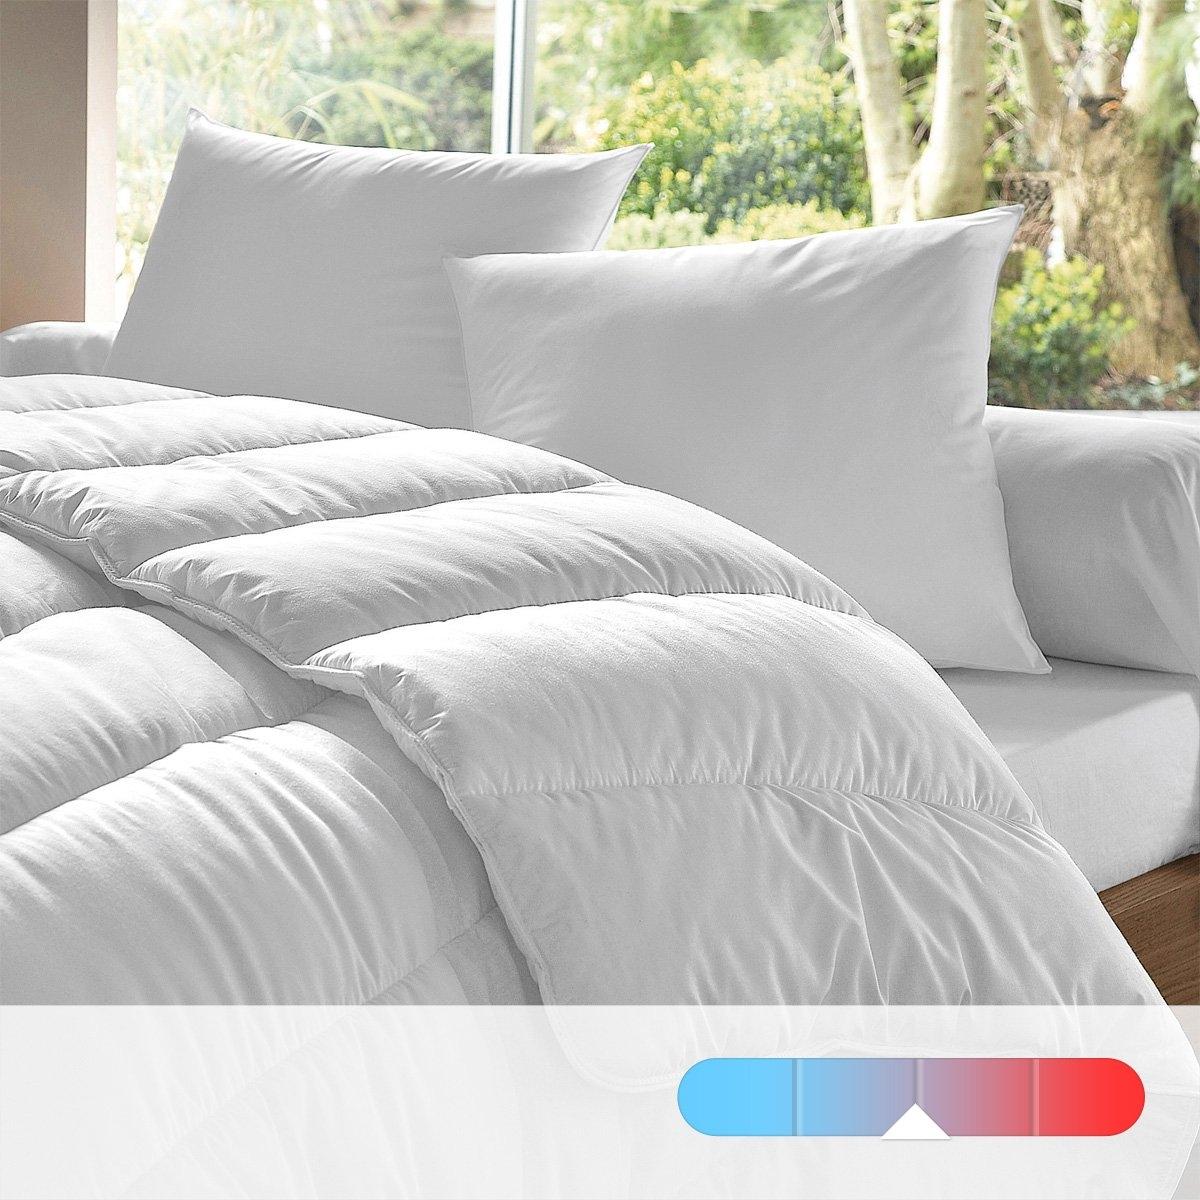 2 подушки и одеяло, 400 г/м?Подушка и одеяло DACRON DUO от DODO. Невероятный комфорт и тепло дышащего одеяла и 2 подушек (60 х 60 см), чей наполнитель не препятствует циркуляции воздуха.  Можно часто стирать. Одеяло подходит для любого времени года благодаря способности, изолирующей воздух в полых волокнах. Лучше всего подходят для неотапливаемых помещений с температурой около 12°. Тонкие полные силиконизированные волокна подушек обеспечивают циркуляцию воздуха, а также непередаваемый комфорт. Чехол из 50% полиэстера, 50% хлопка. Наполнитель из полых силиконизированных волокон полиэстера, 400 г/м?. Одеяло: продольная стежка, отделка однотонным кантом и двойная строчка. Машинная стирка при 30°. Возможна машинная сушка. Быстро сохнет. Не нужно гладить. Поставка в чехле с ручкой.<br><br>Цвет: белый